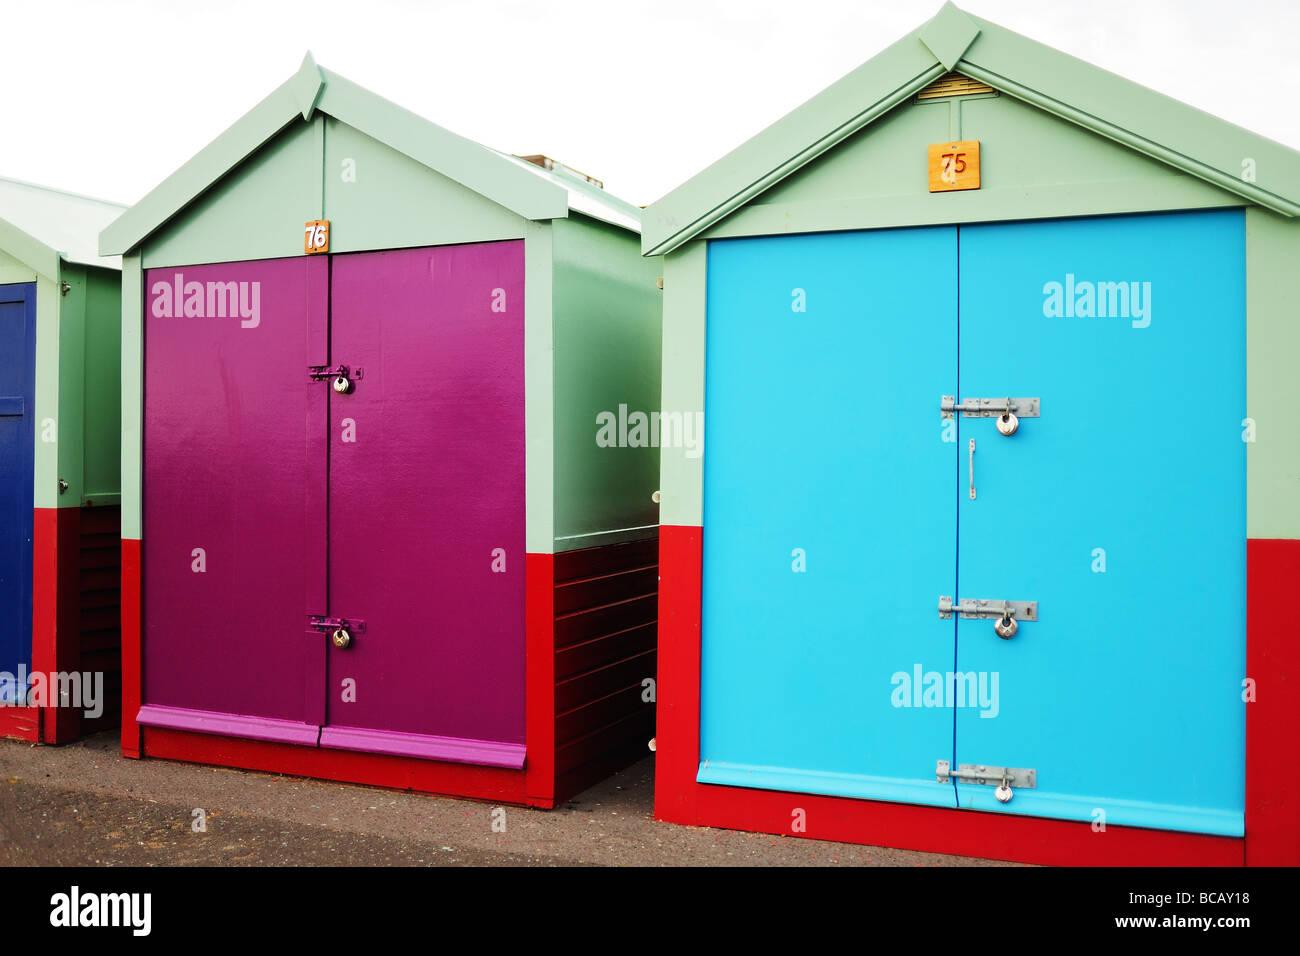 Beach huts in brighton - Stock Image